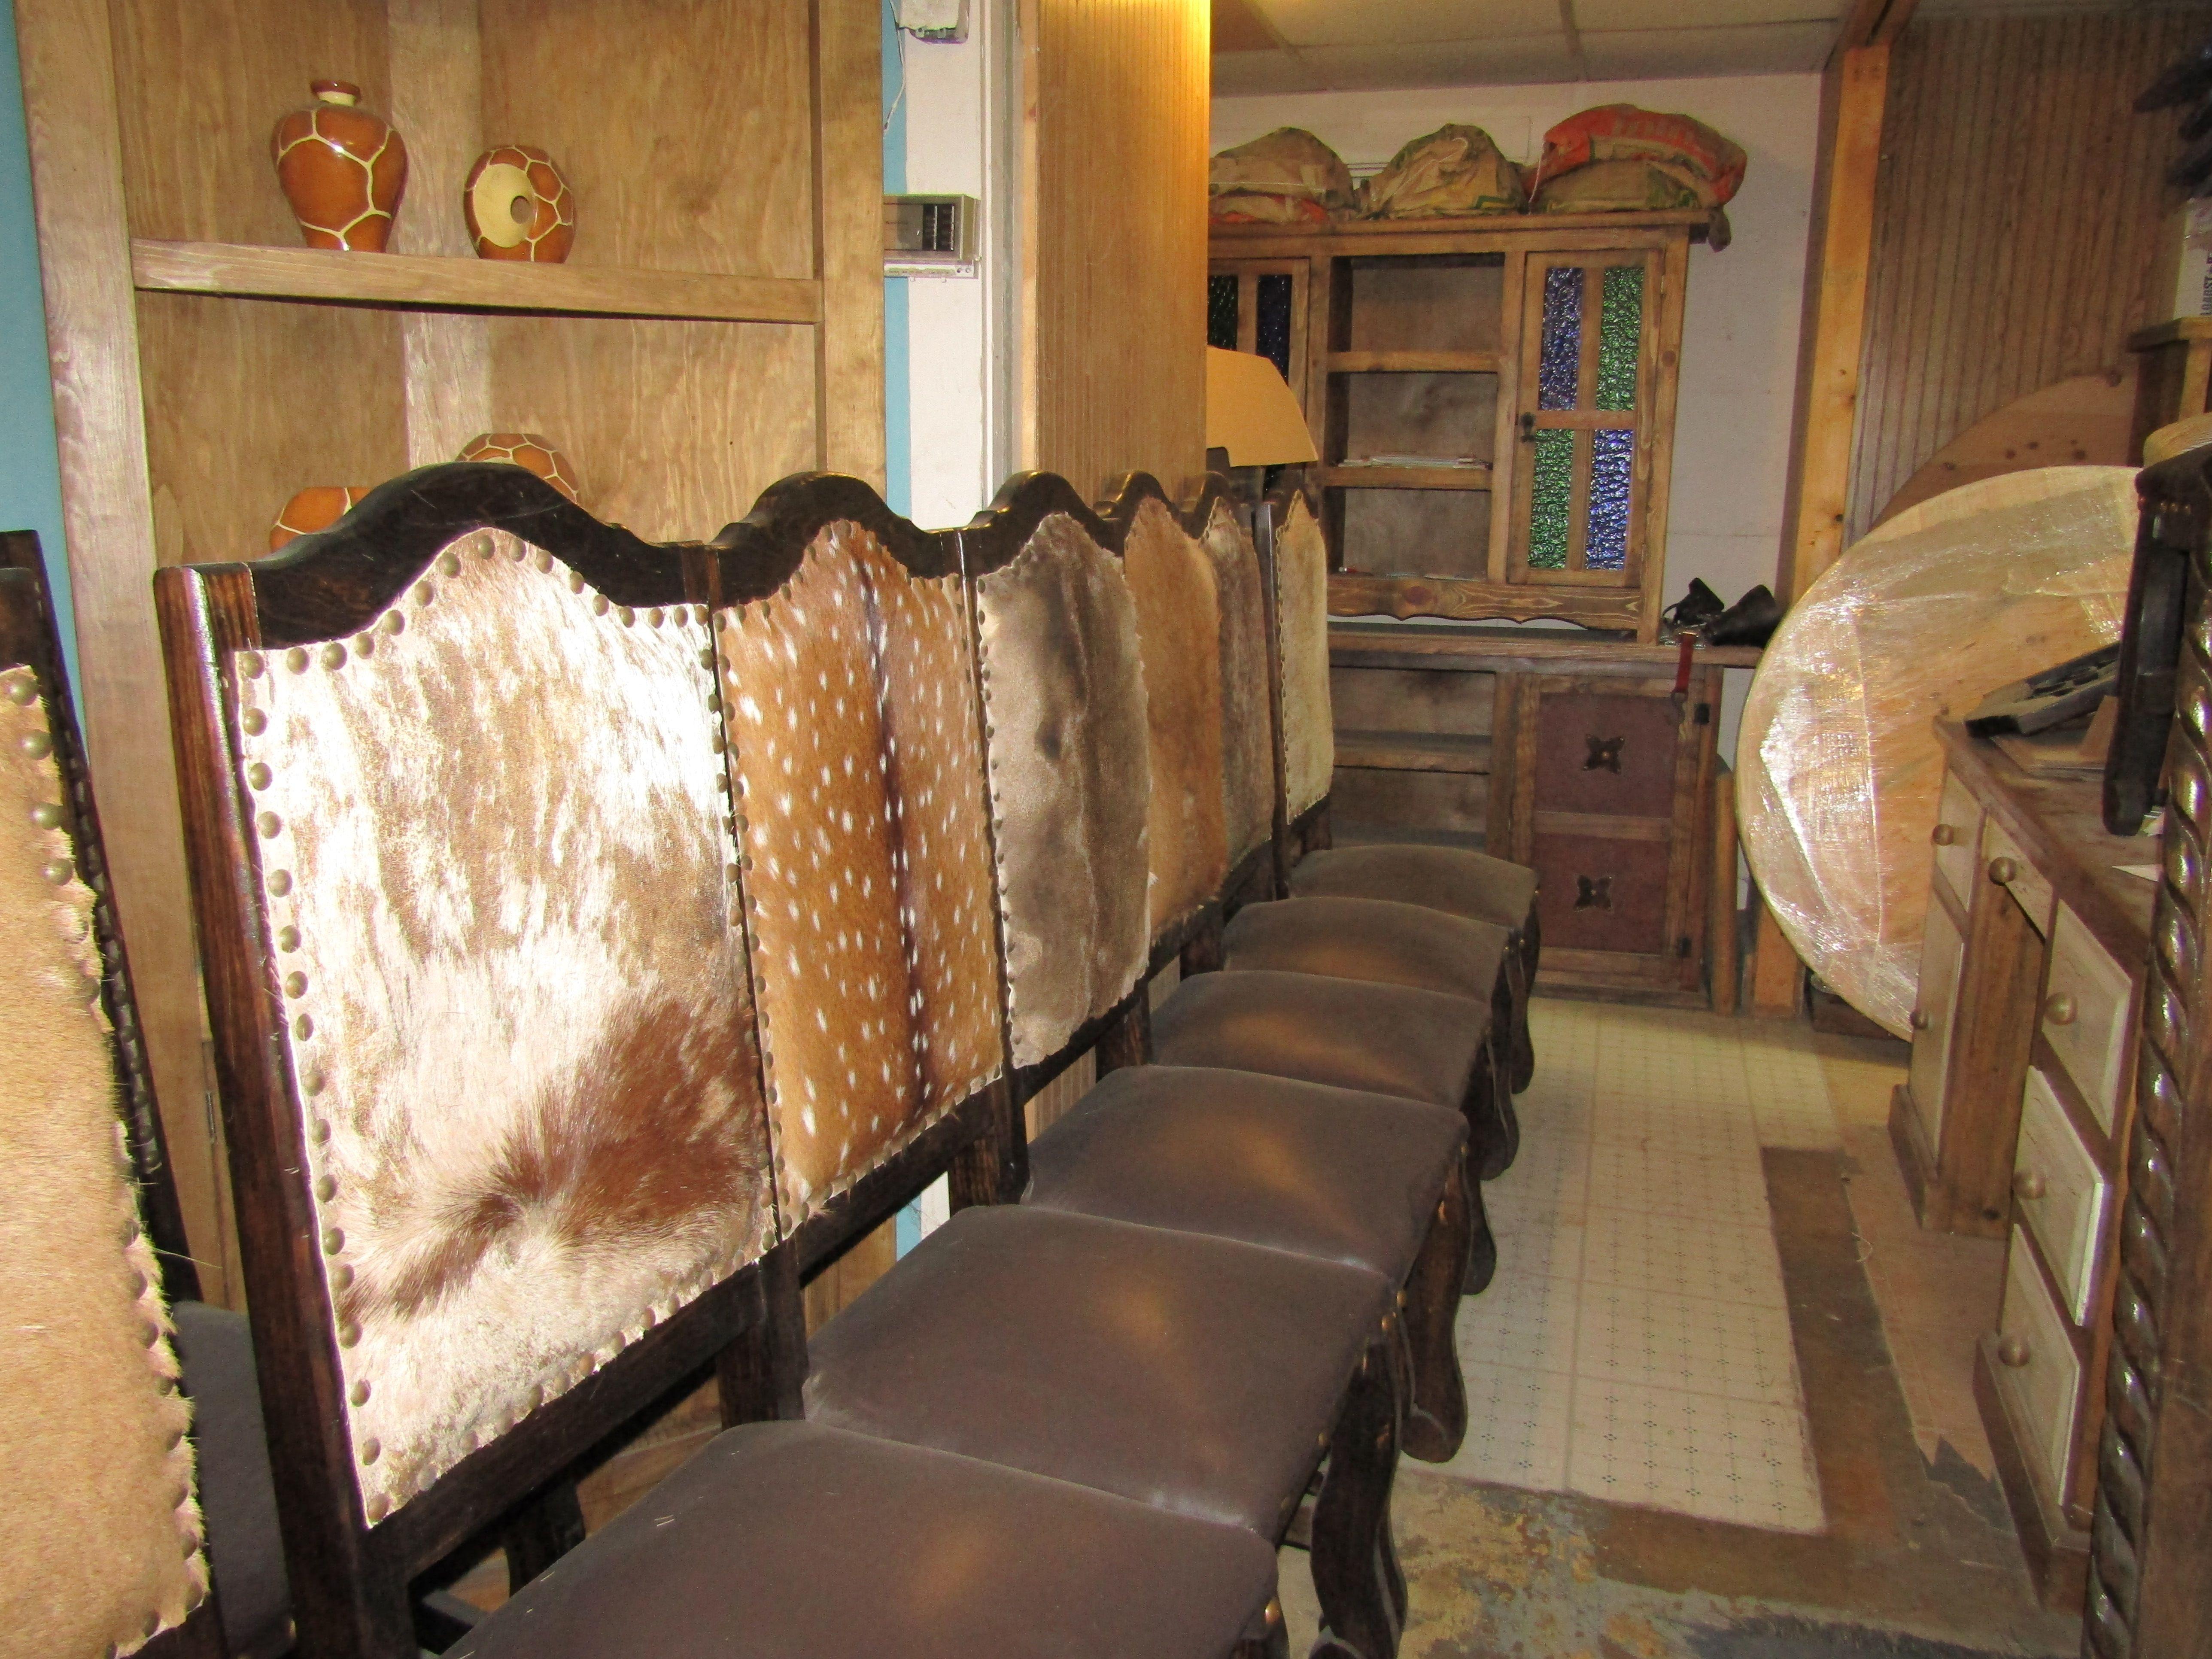 Muebles Rusticos La Hacienda 3110 San Bernardo Laredo Tx 78040  # Muebles Para Food Court